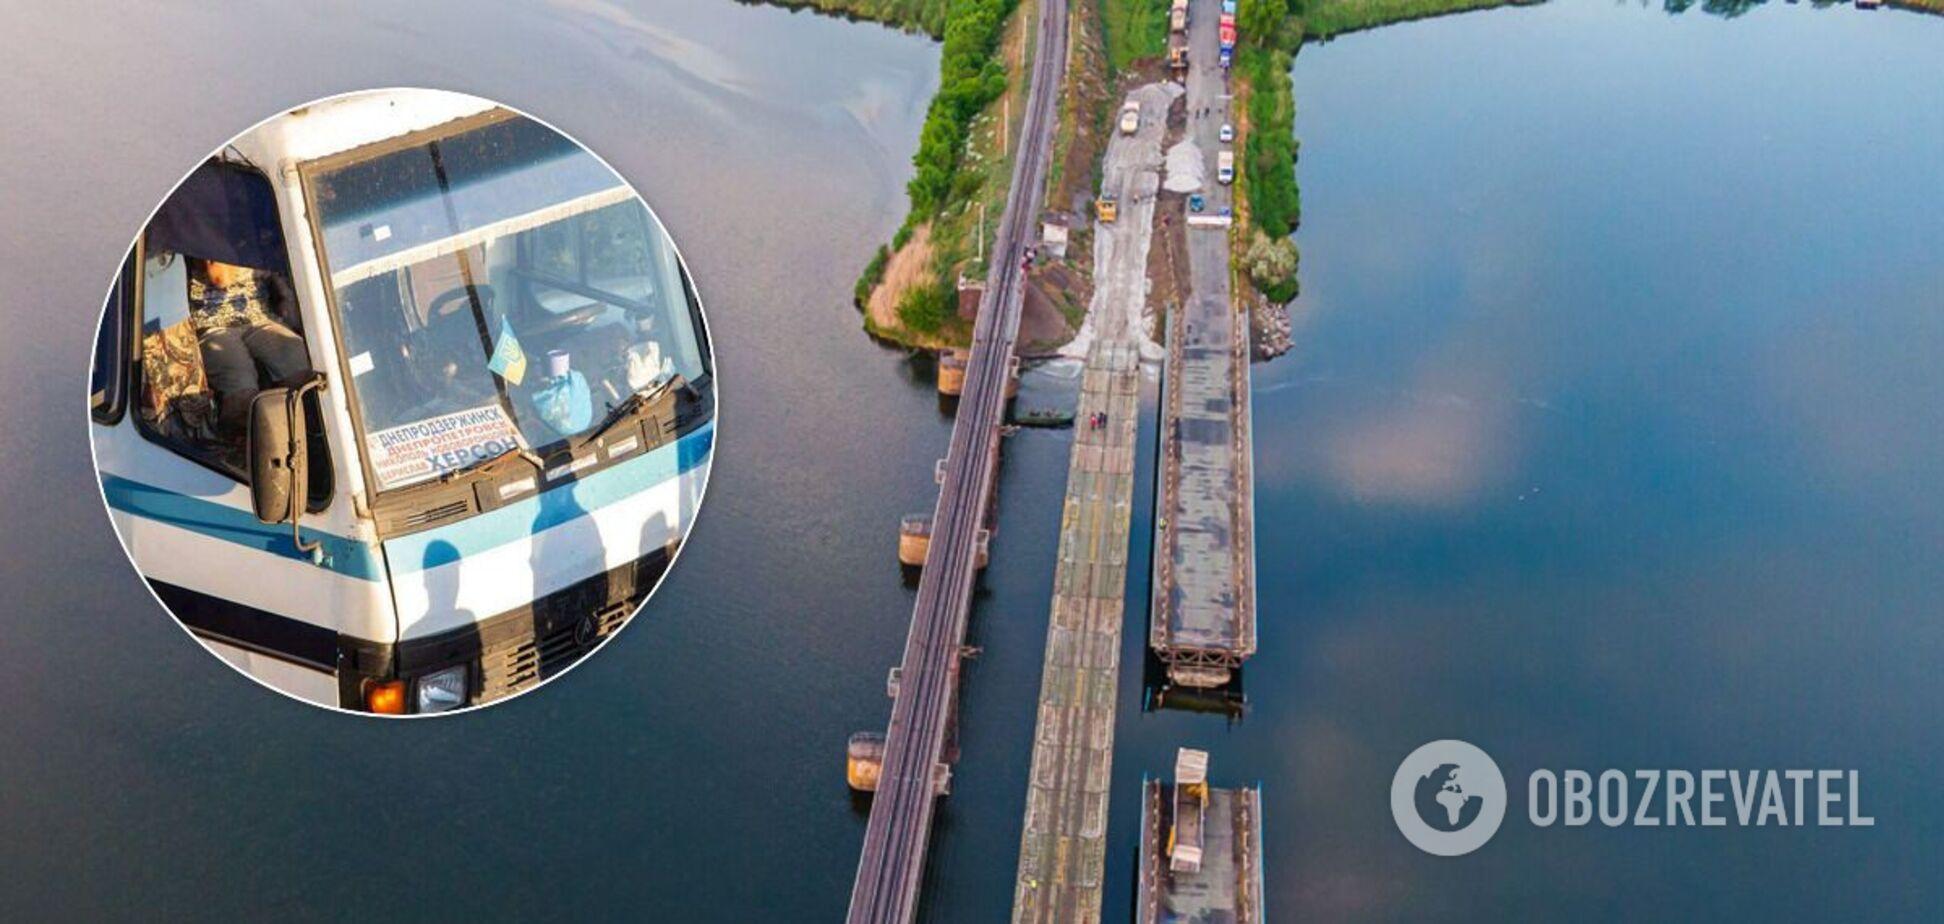 Под Никополем автобус устроил ЧП на переправе на месте рухнувшего моста. Фото и видео